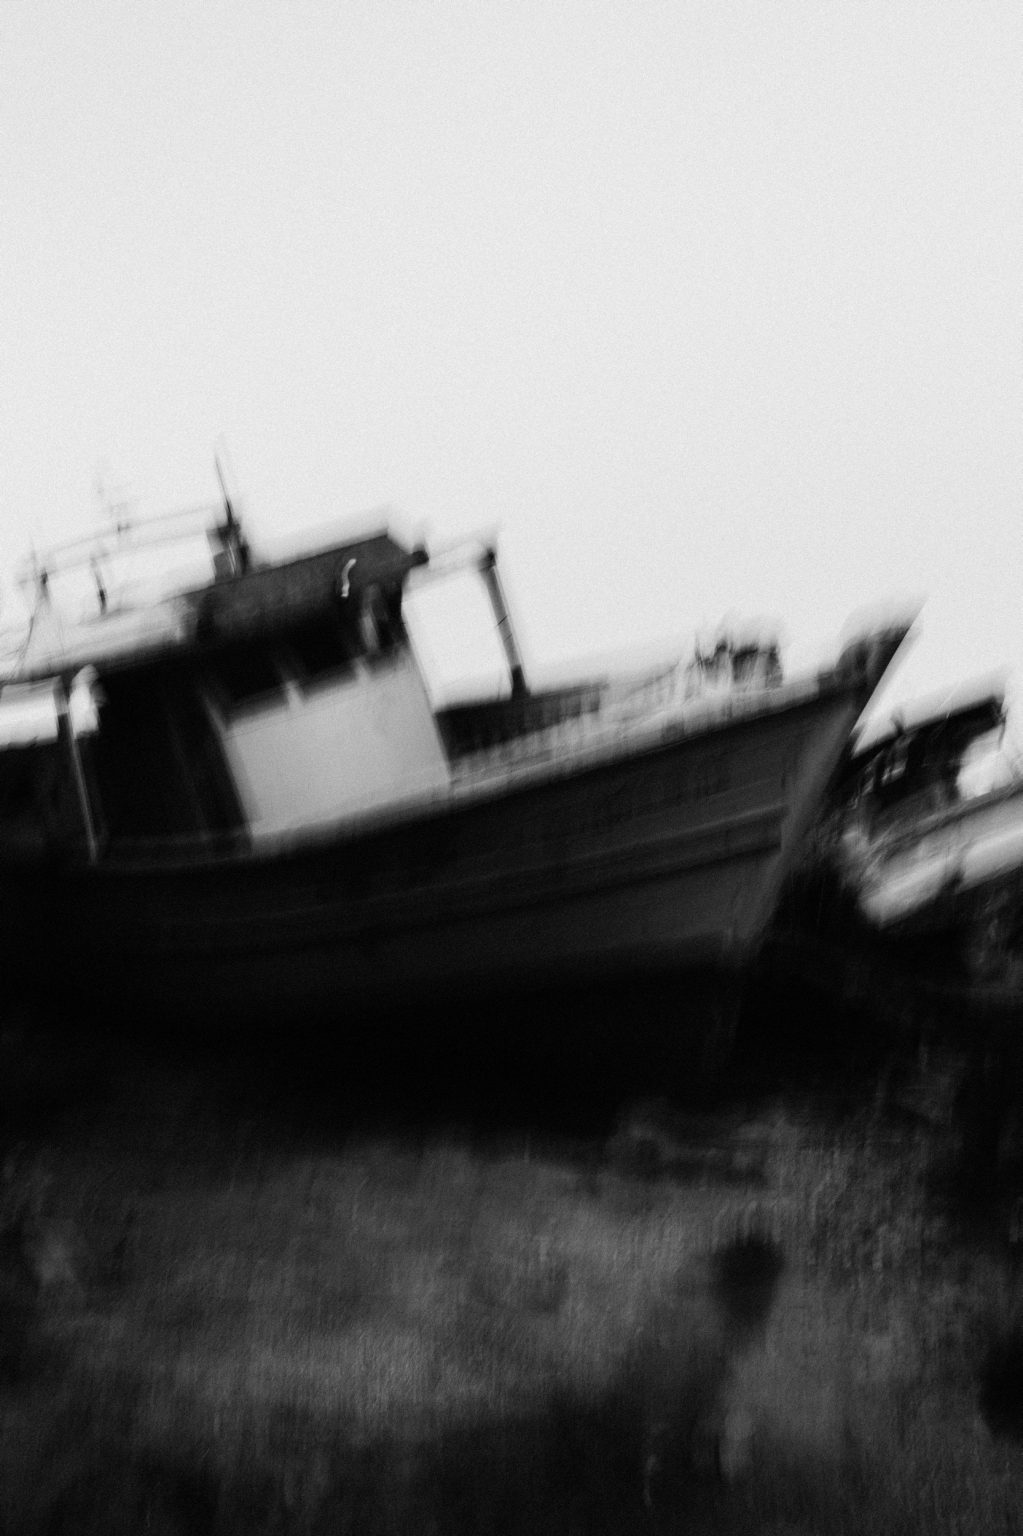 Lampedusa, February 2014-Lampedusa is the southernmost island of Italy, it is small and has only 6,300 inhabitants. Today it is one of the most important gateways to Europe.The inhabitants have been welcoming human beings in search of life for 20 years with great solidarity. They are a small community that has great respect for human dignity and, above all, has shown that peaceful coexistence can be established between human beings. Simple people, but with a soul as deep as its sea, who in the face of despair were not afraid and stretched out their hands.For this reason, the island has been nominated for the NOBEL for peace, a fair recognition for the people of Lampedusa, who have been involved for years in welcoming migrants.The fishing village.   Lampedusa, Febbraio 2014-Lampedusa è l'isola più a sud d'Italia, è piccola e conta solo 6.300 abitanti. Oggi è uno dei più importanti accessi all'Europa. Gli abitanti,, da 20 anni accolgono esseri umani in cerca di vita con grande solidarietà . Sono una piccola comunità che ha un grande rispetto per la dignità umana e, soprattutto,  ha dimostrato che tra essere umani si può attuare una convivenza pacifica. Persone semplici, ma con un animo profondo come il suo mare, che di fronte alla disperazione non hanno avuto paura ed hanno teso le  mani. Per questo, l'isola, è stata candidata al NOBEL per la pace, un giusto riconoscimento per la gente di Lampedusa, impegnata da anni nell'accoglienza di migranti. Il villaggio dei pescatori.